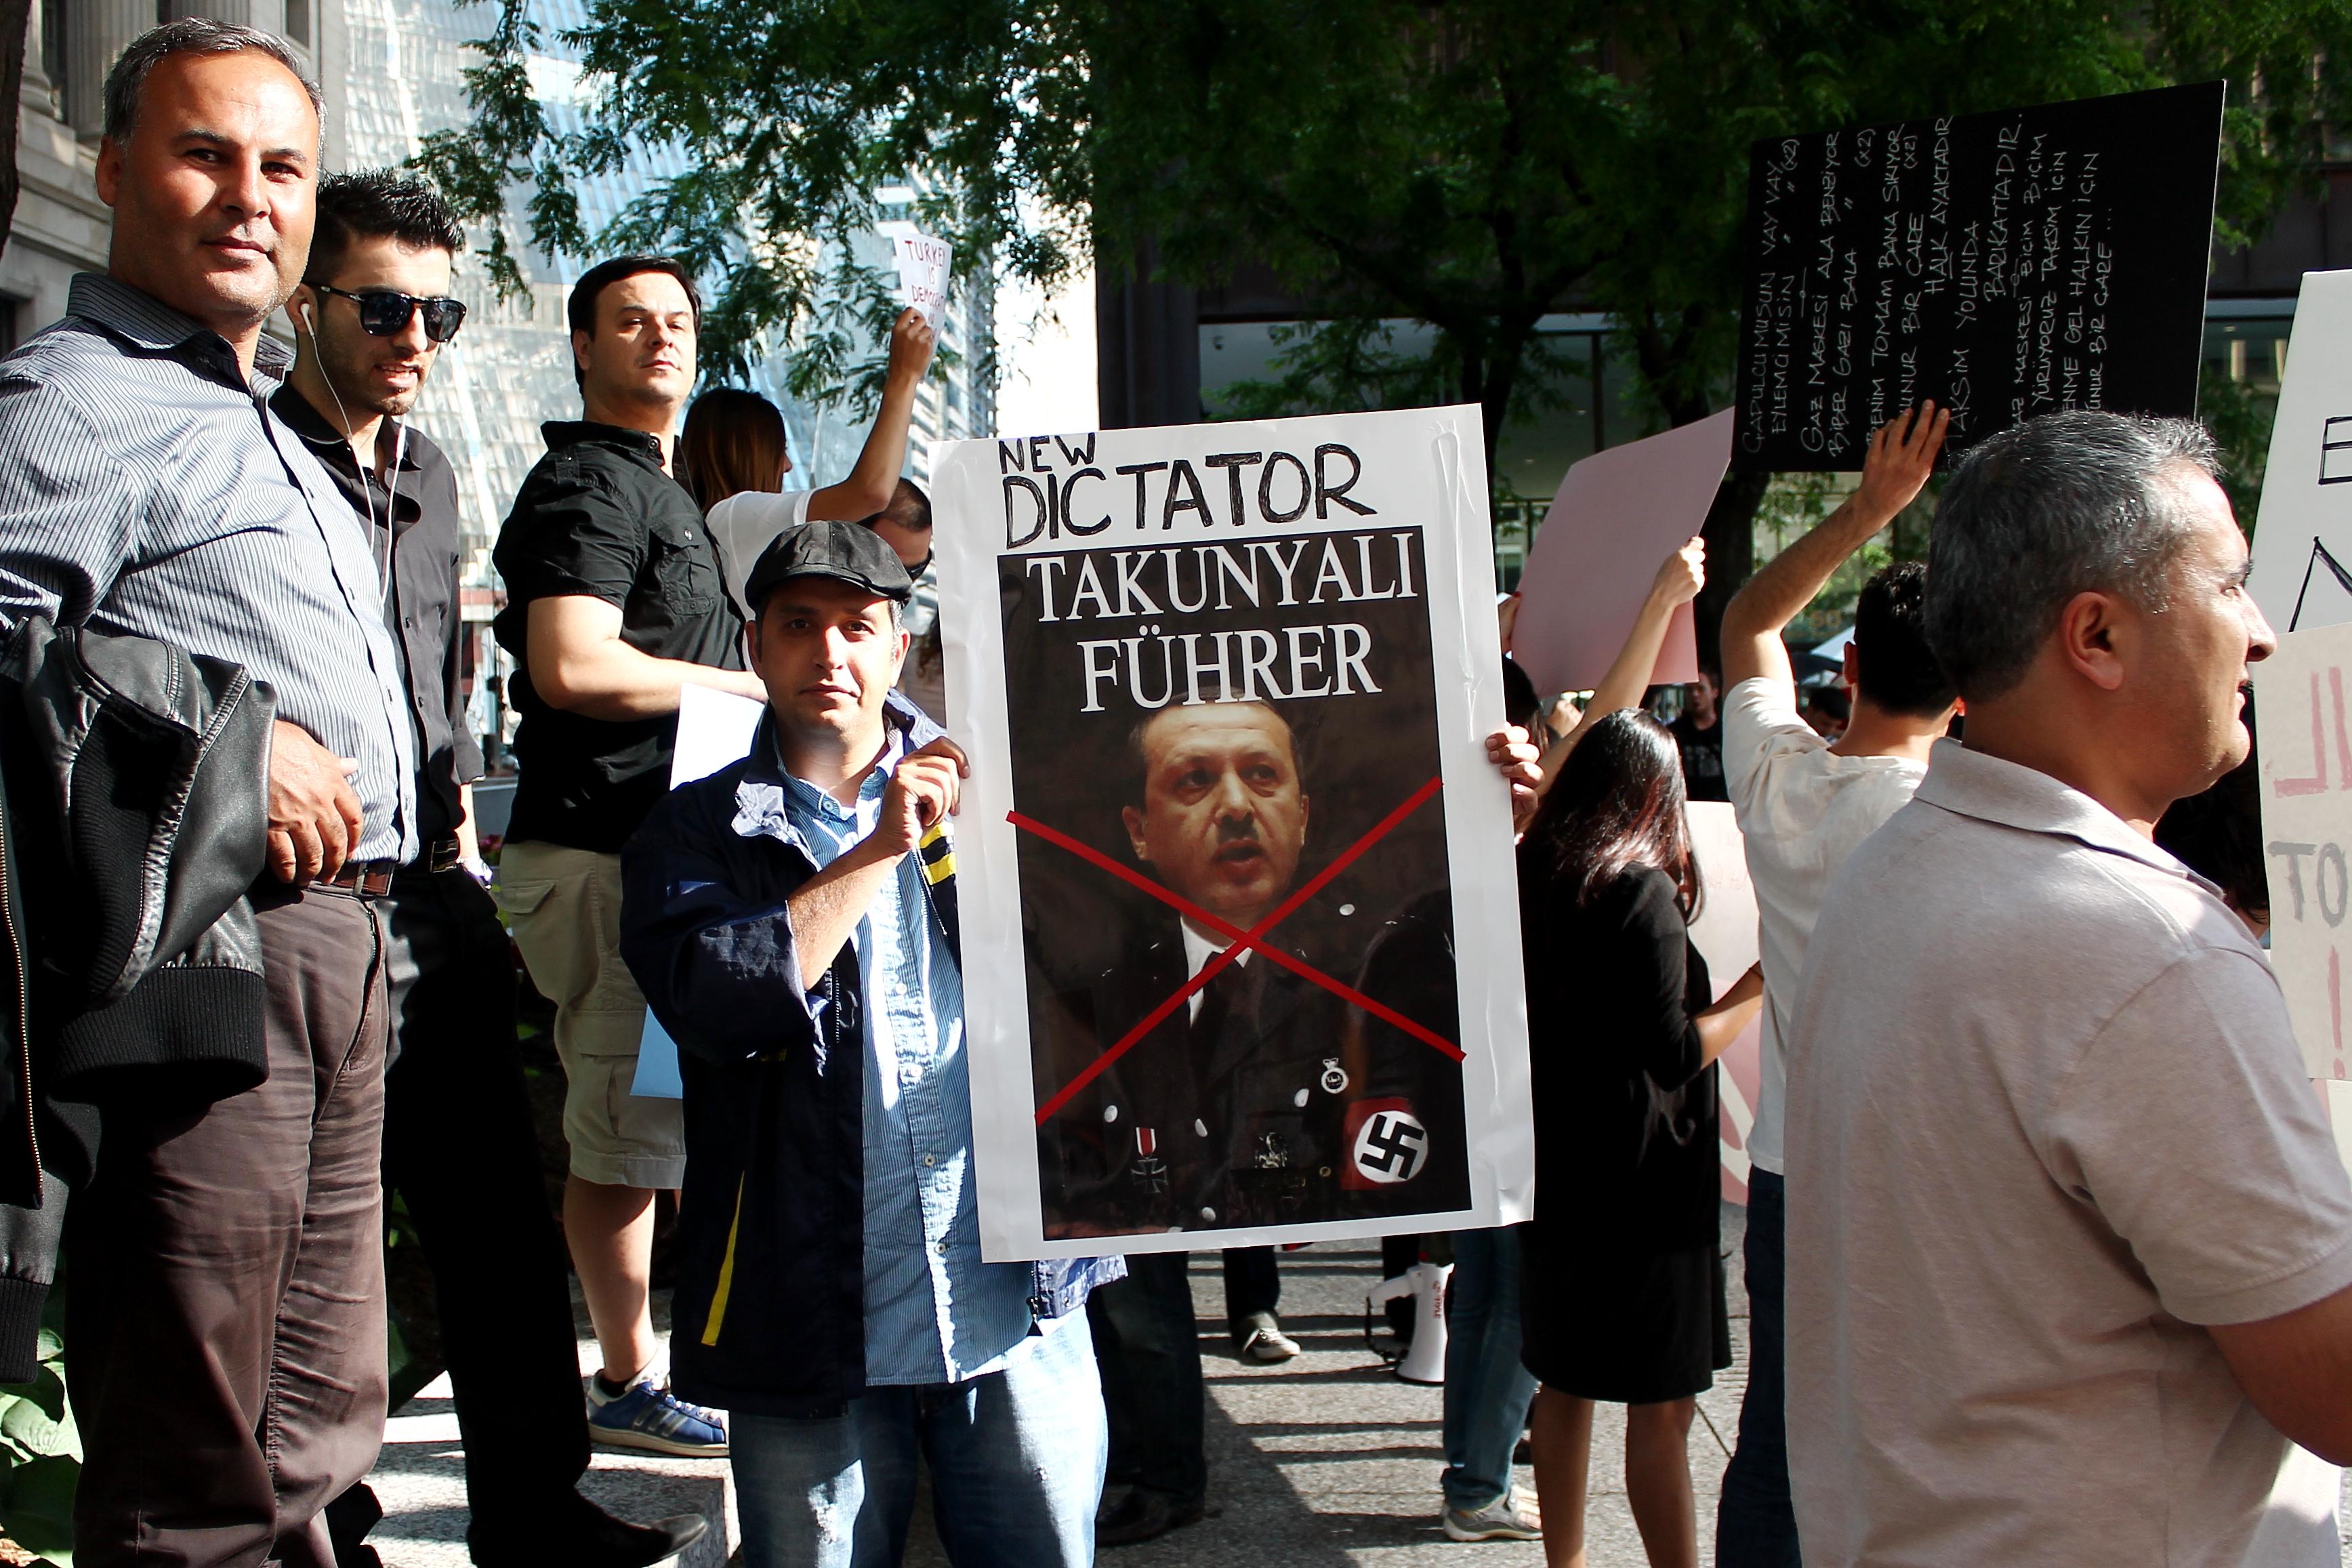 Auch in der türkischen Diaspora kam es 2013 zu heftigen Protesten gegen Präsident Erdoğan. Hier bei einer Demo in Chicago. By Ceyhun (Jay) Isik, flickr, licensed under CC BY-SA 2.0.